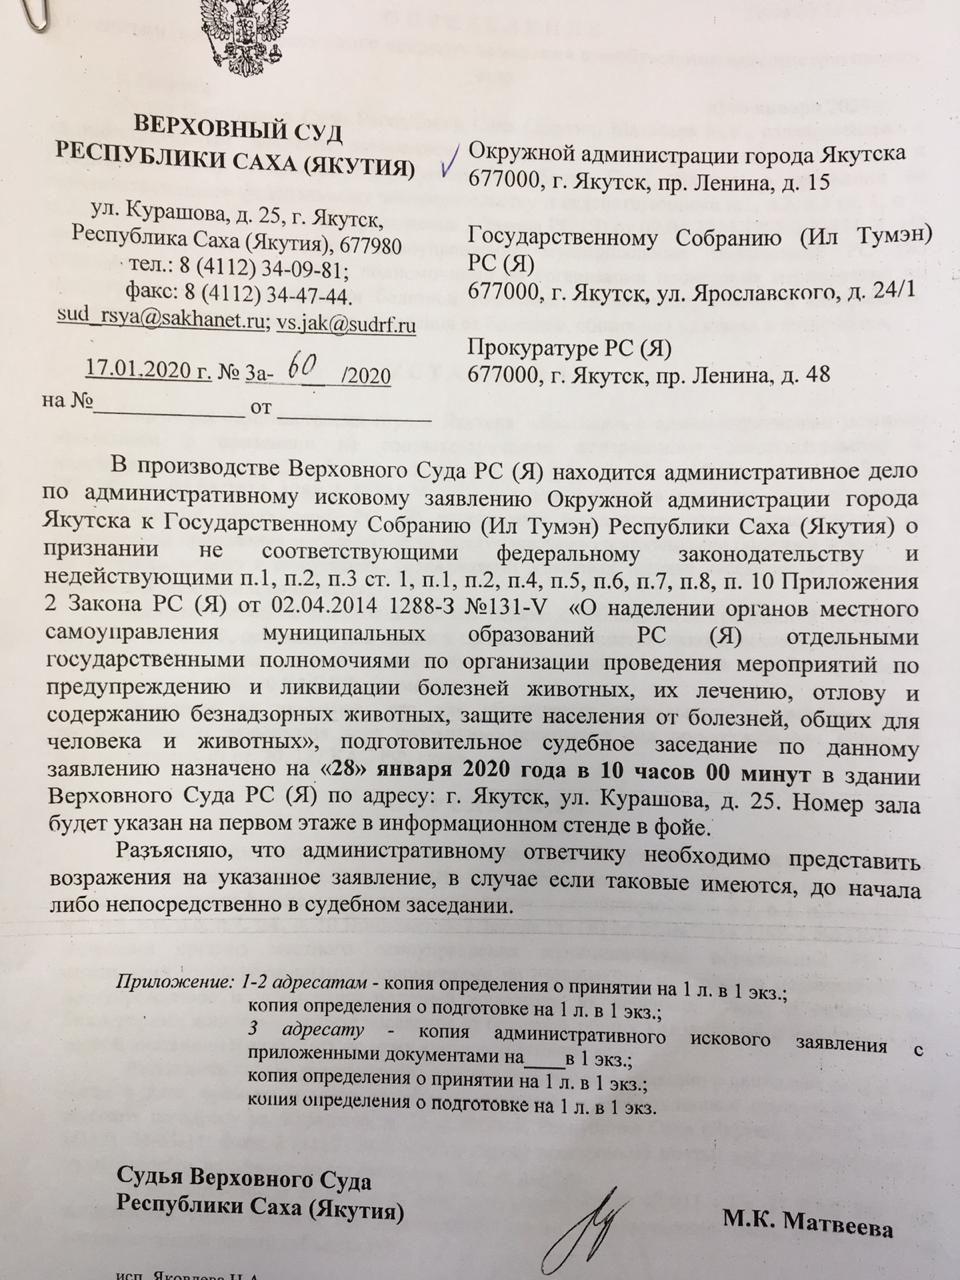 28 января состоится рассмотрение иска мэрии Якутска  по обращению с безнадзорными животными